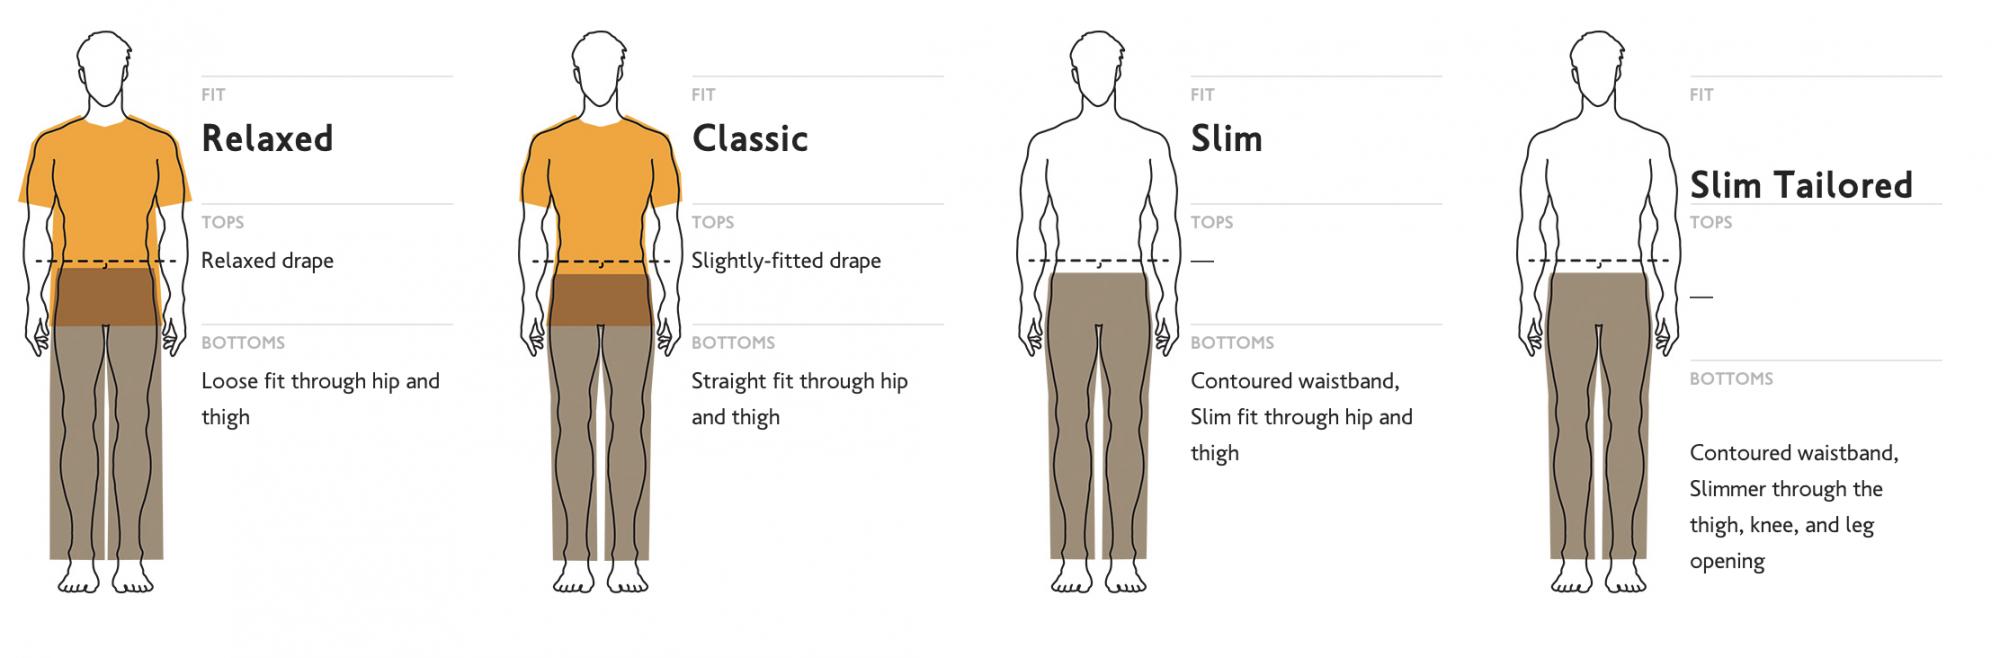 Mountain Khaki Men Graphic